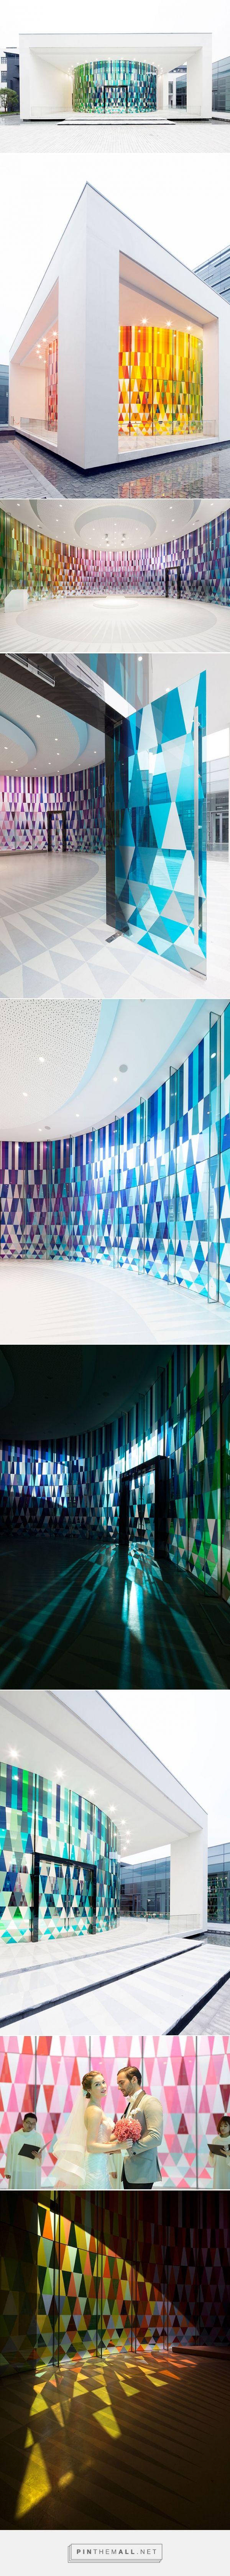 Rainbow Chapel - Shanghai #Shanghai #DesignShanghai